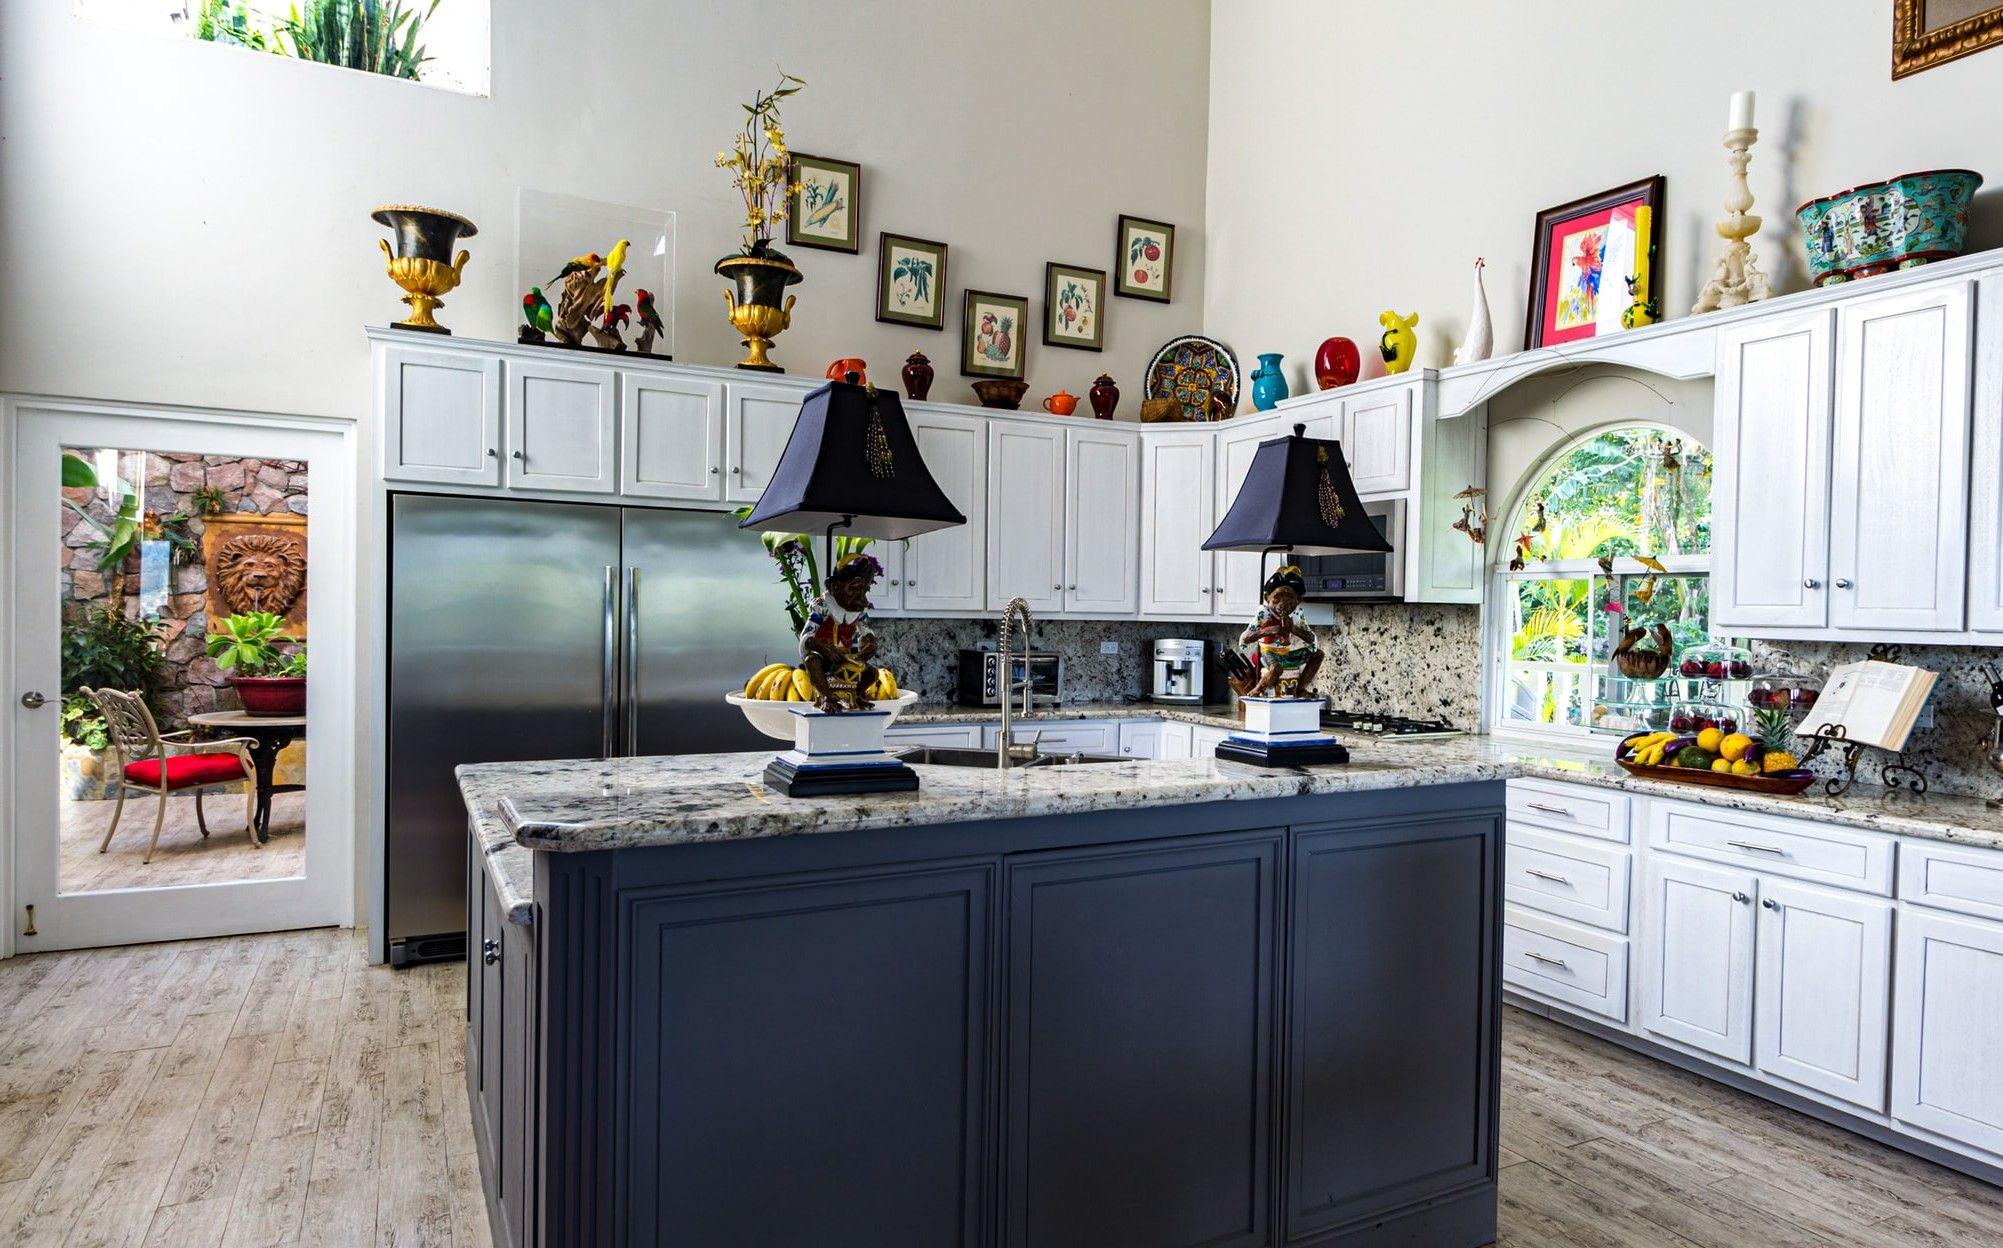 Full Size of Hornbach Arbeitsplatten Kche In 2020 Kitchen Cabinets Arbeitsplatte Küche Sideboard Mit Wohnzimmer Hornbach Arbeitsplatte